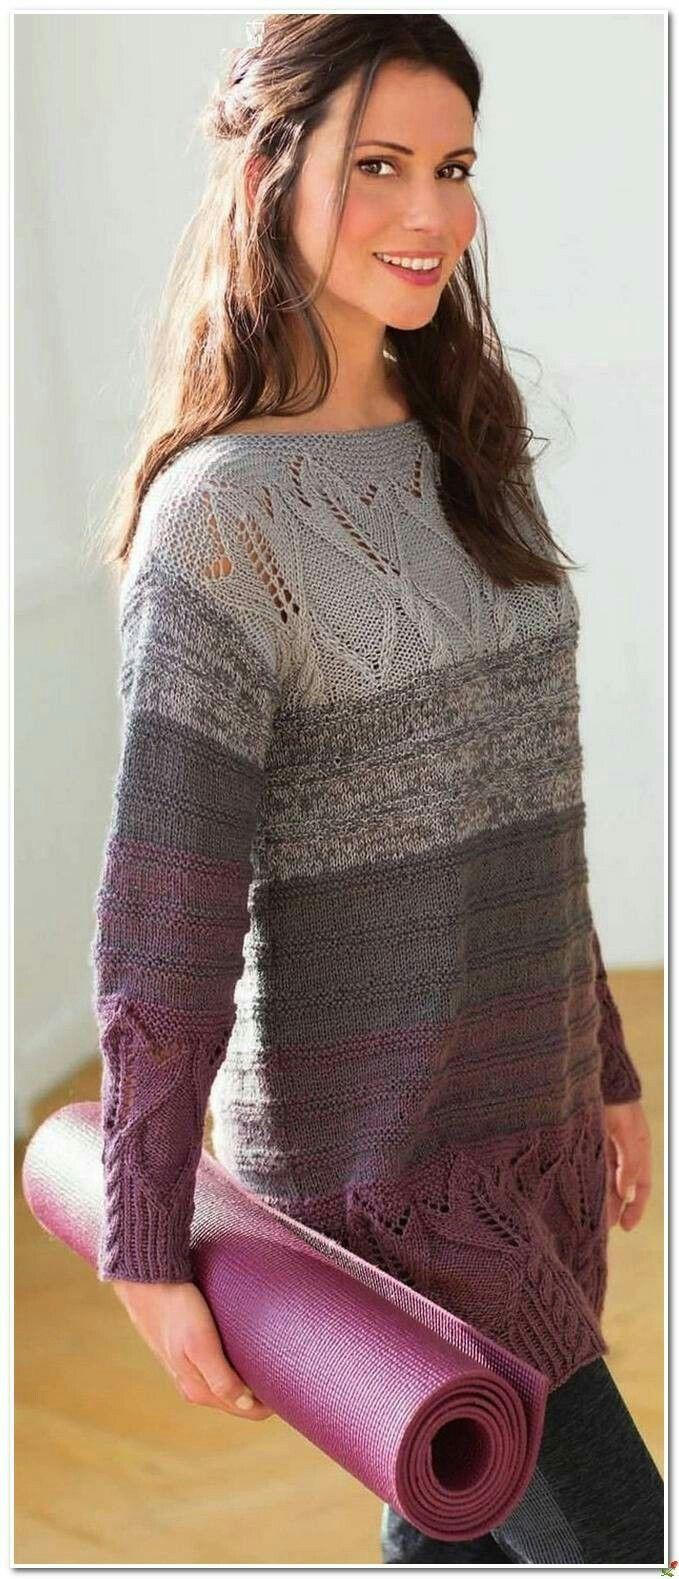 схема и описание мужского пуловера 50размера с косами вязанного спицами